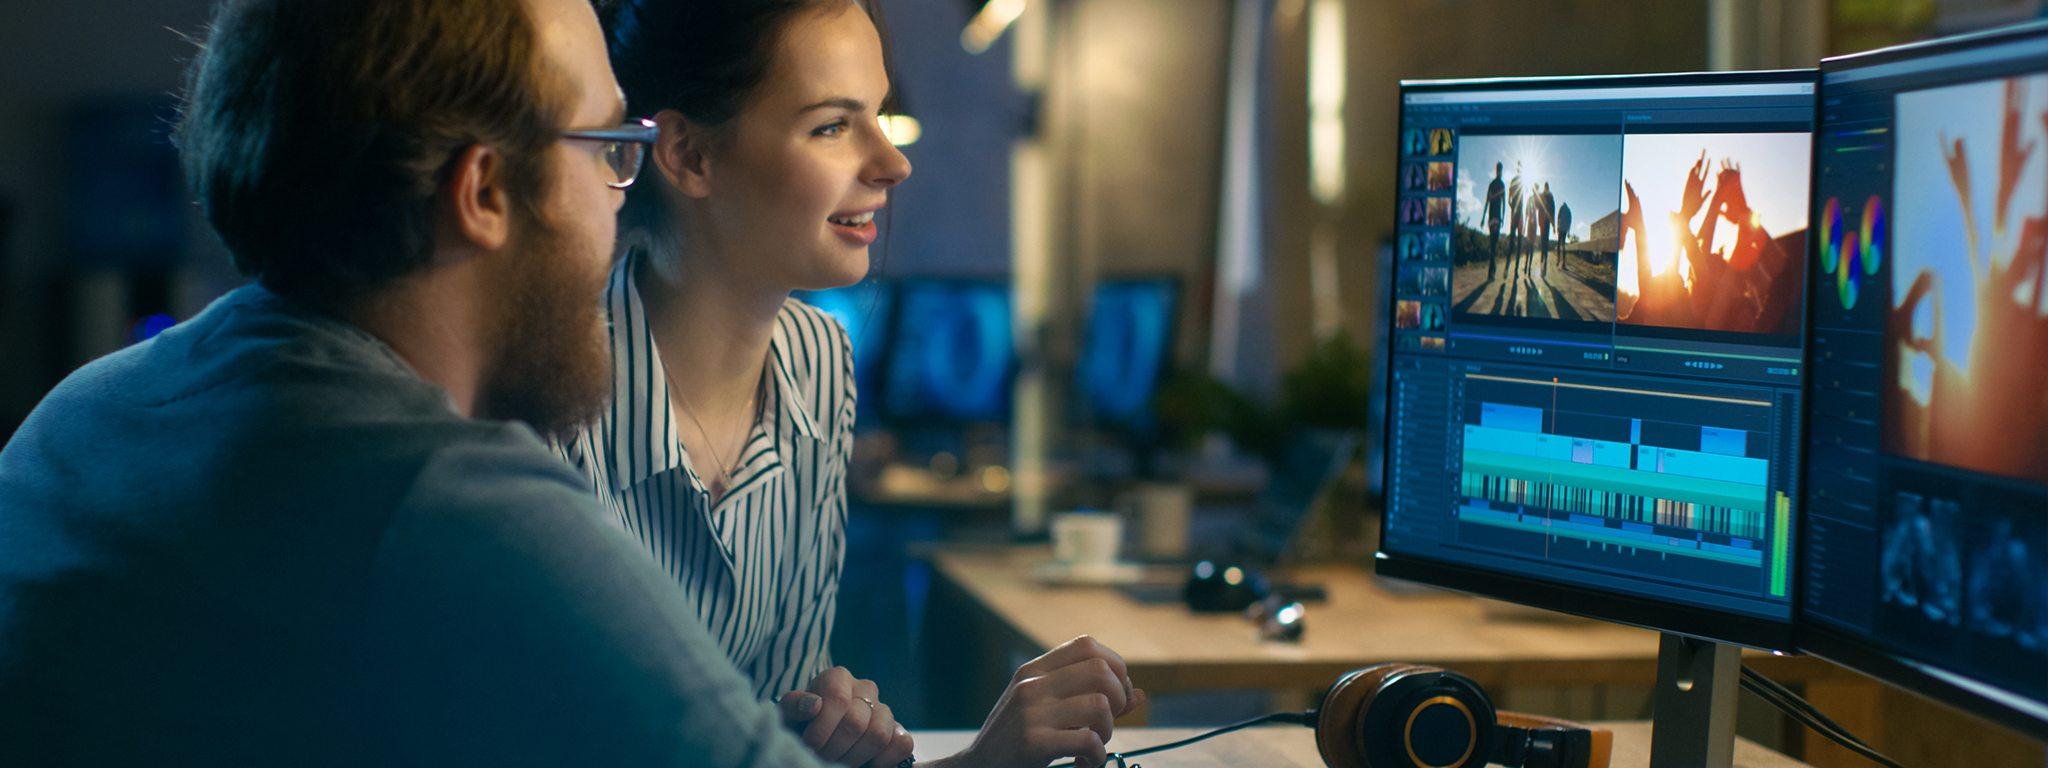 một người đàn ông và một người phụ nữ trong văn phòng đang chỉnh sửa video trên 2 màn hình